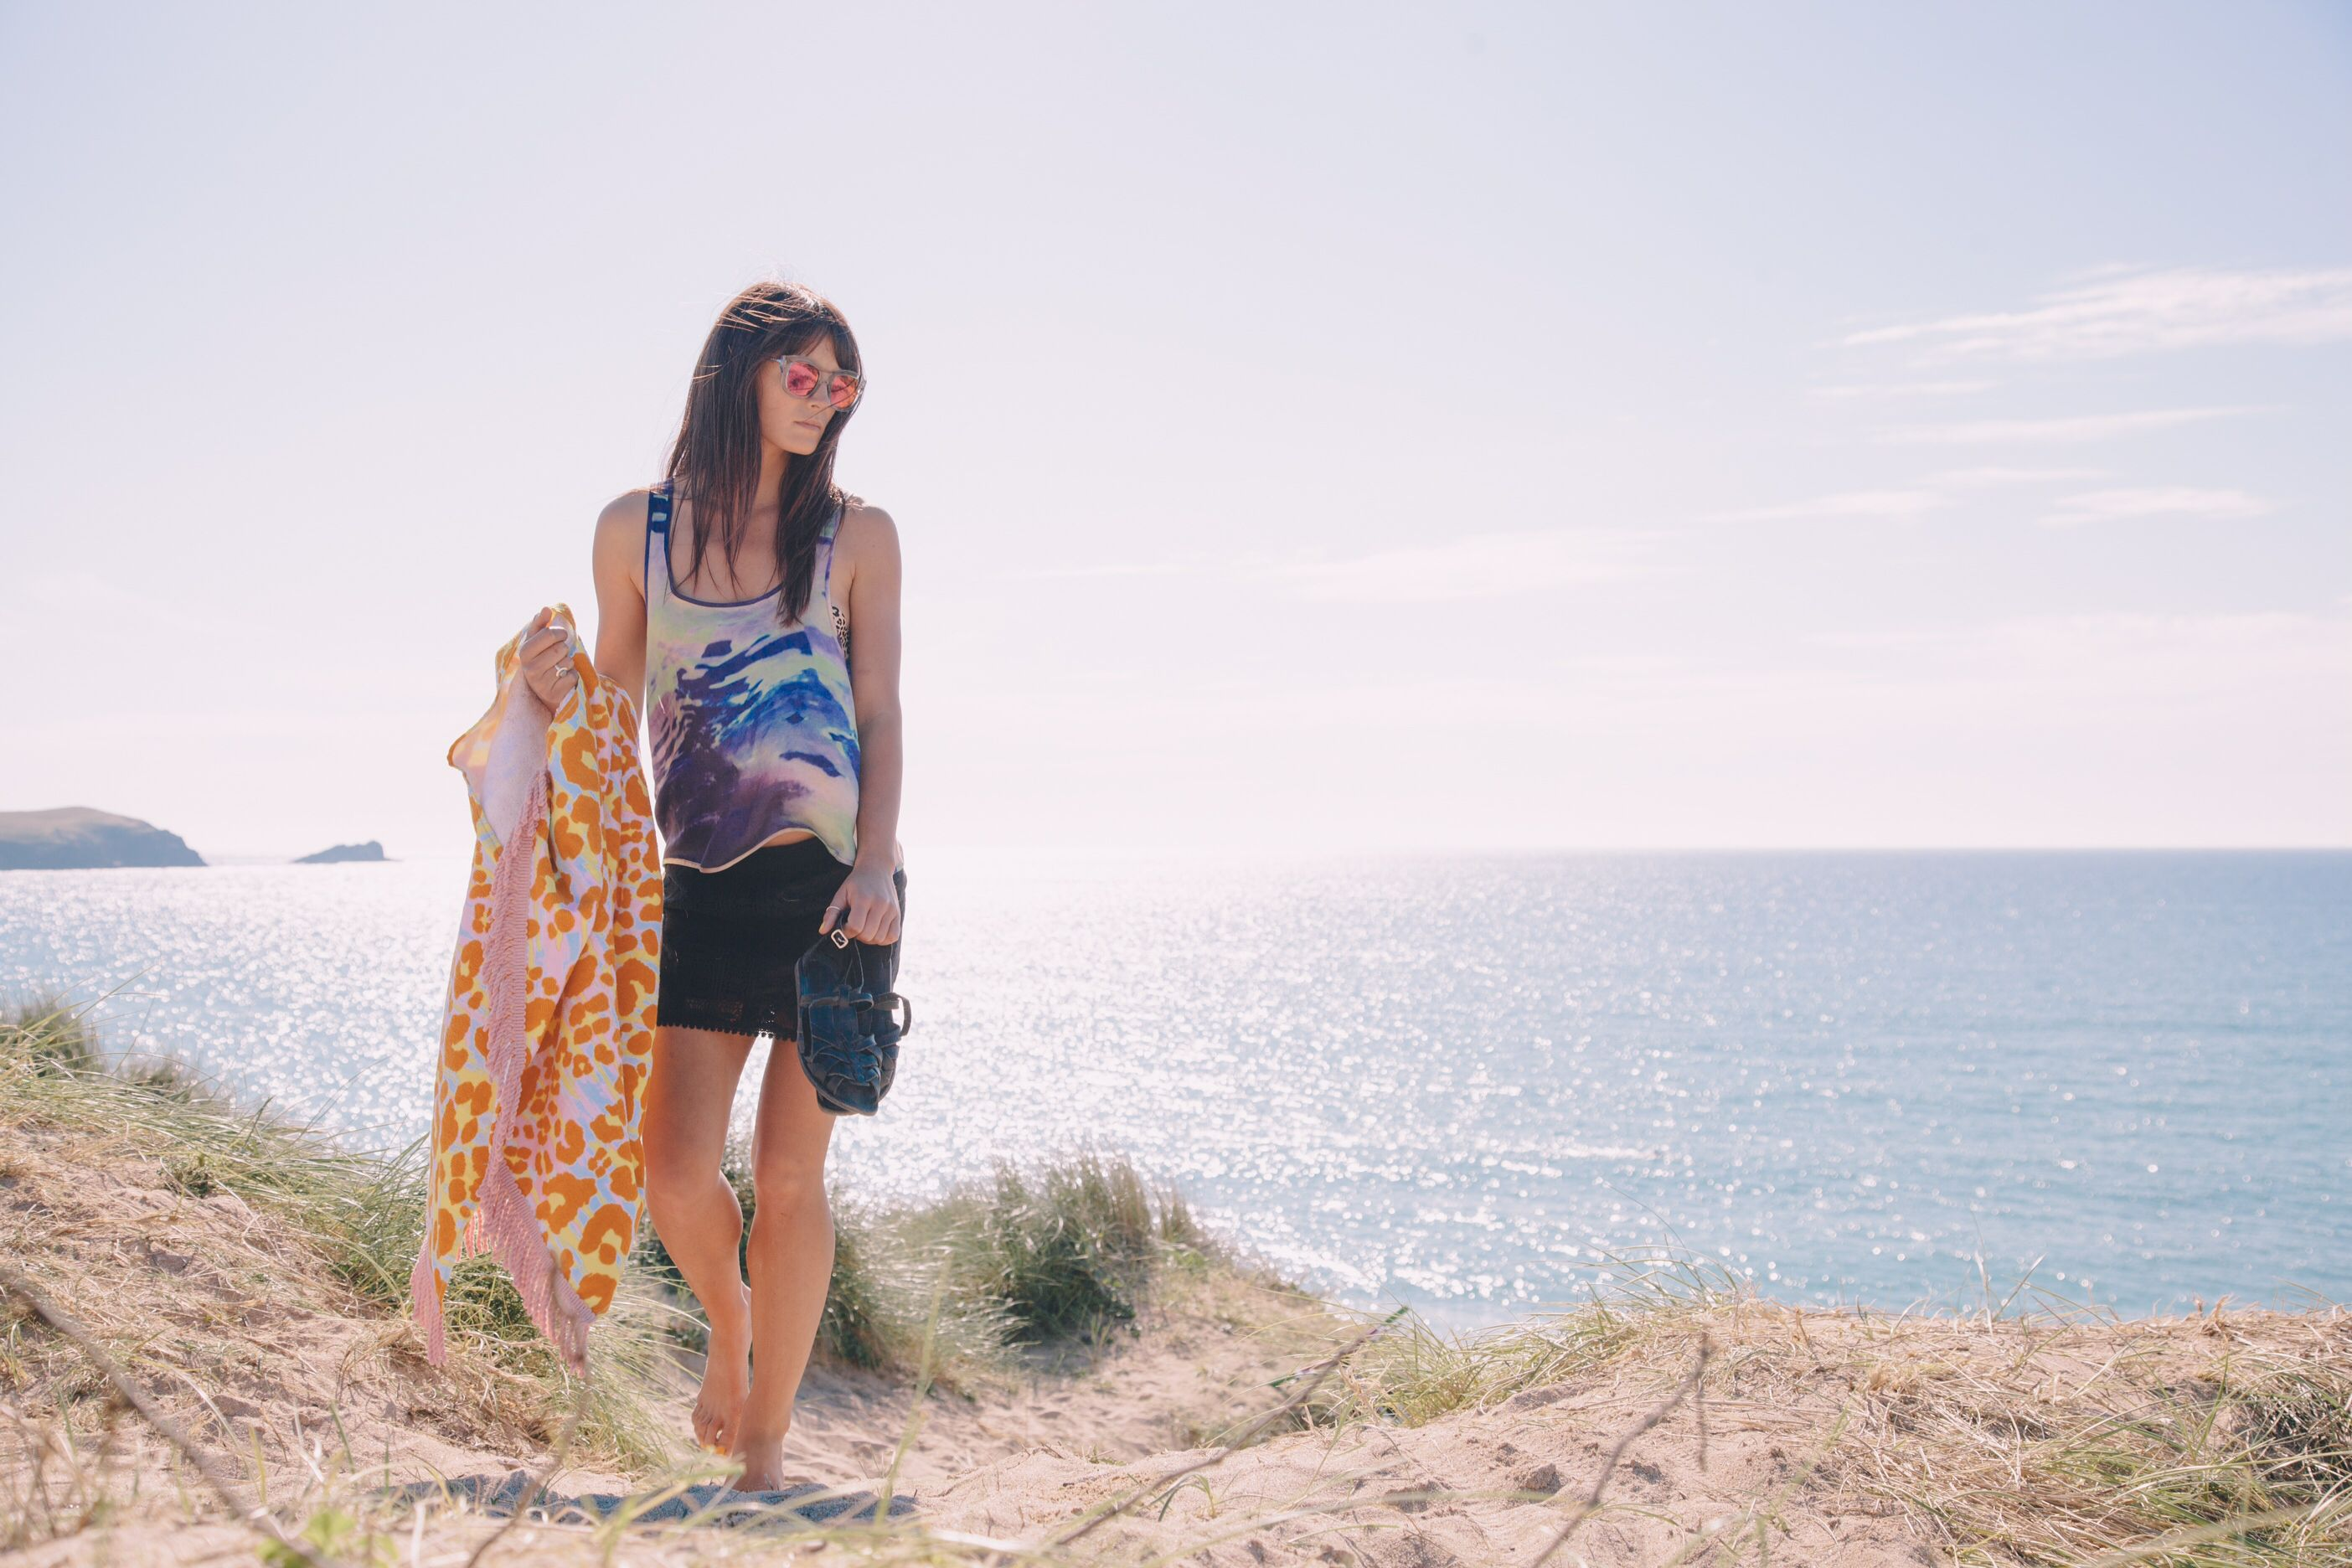 Beach shoot for Roos Beach